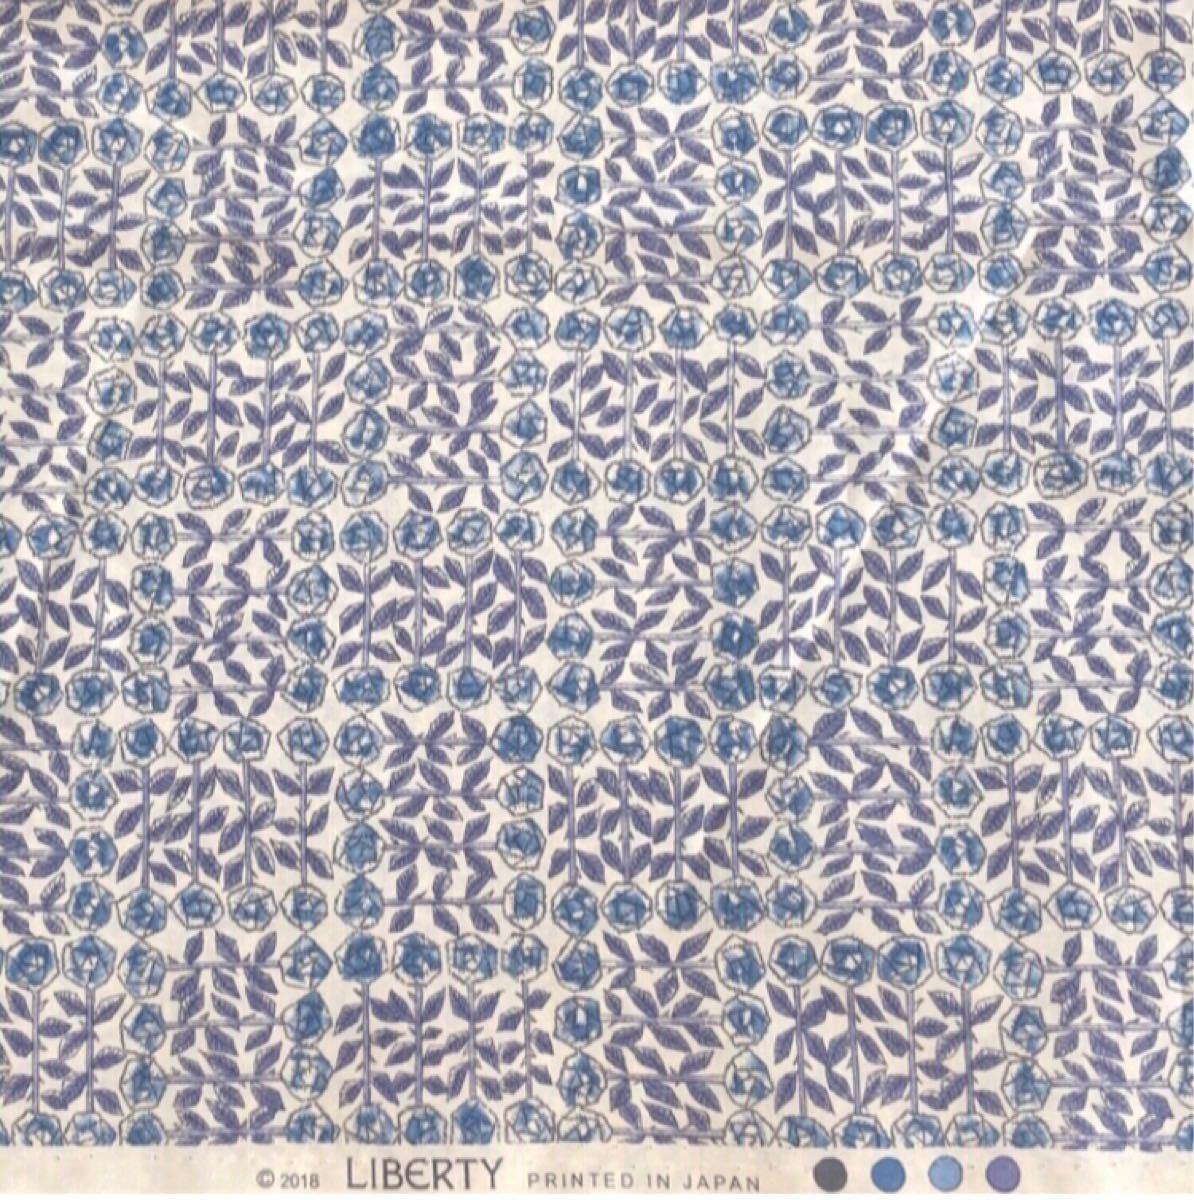 リバティ スリーピングローズ ブルー 生地幅×200cm 国産タナローン